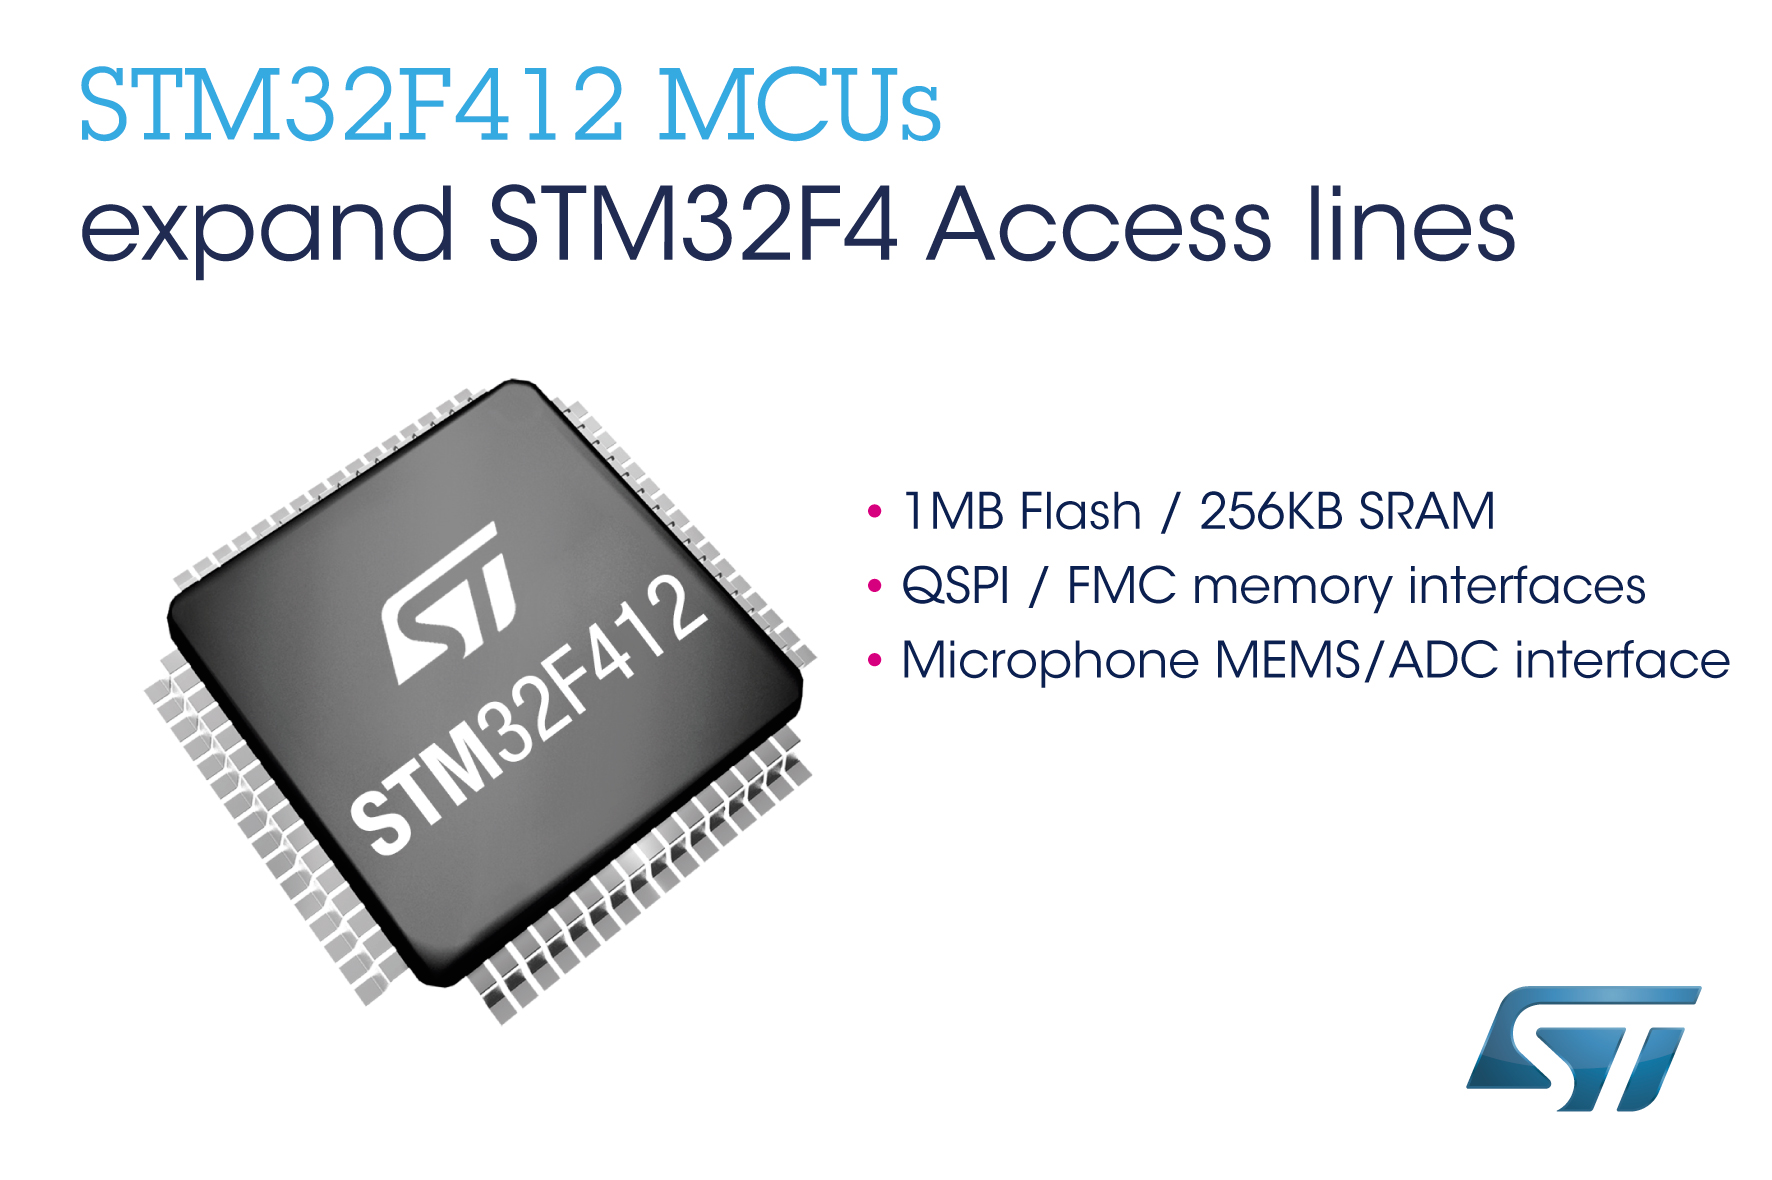 意法半导体STM32F4高性能微控制器新增基本型产品线,包括新的125°C产品